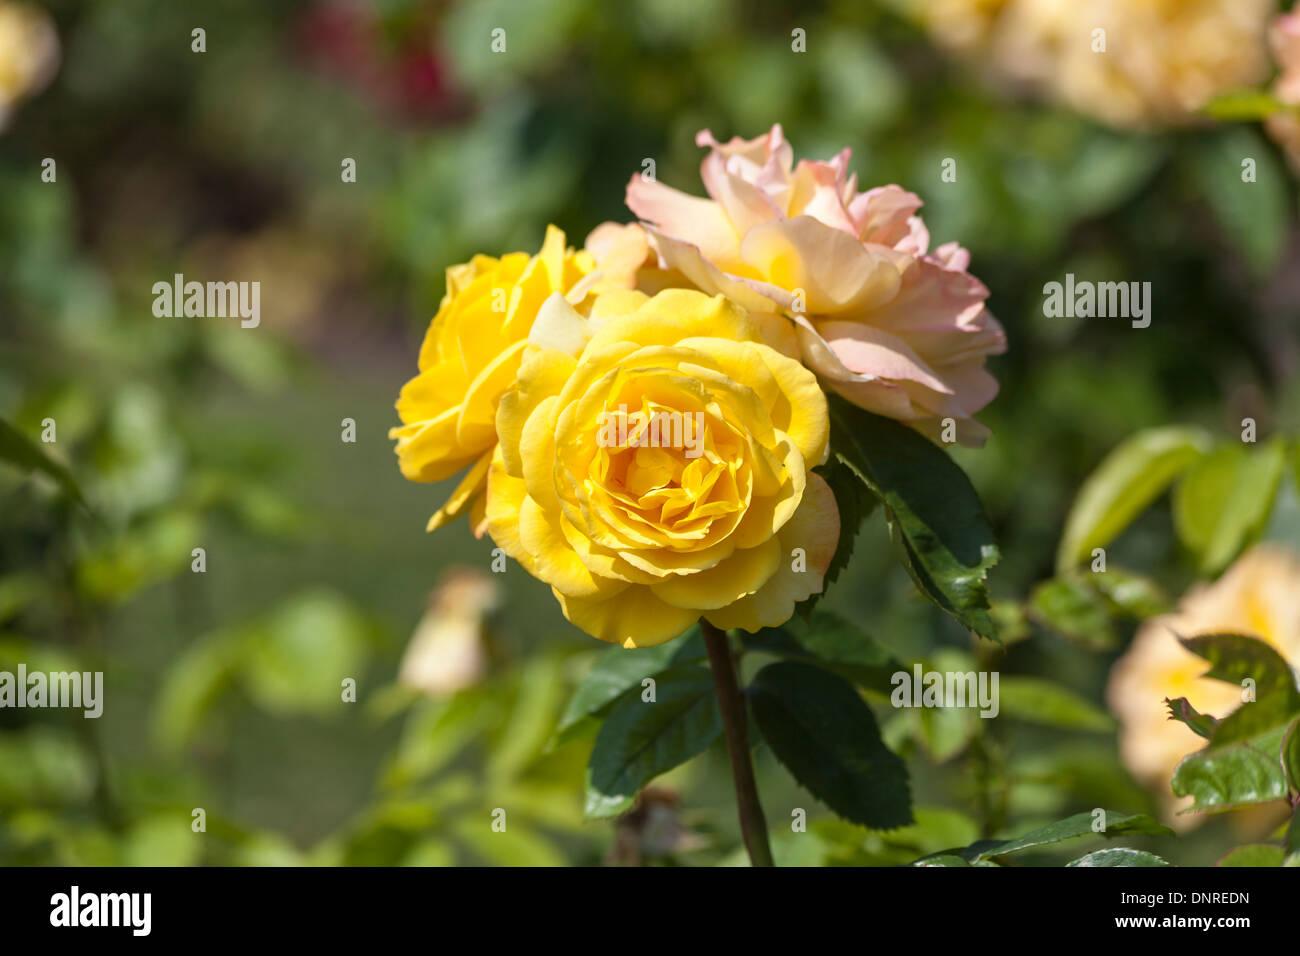 Rosa gialla, passando al rosa, 'China Town' Immagini Stock